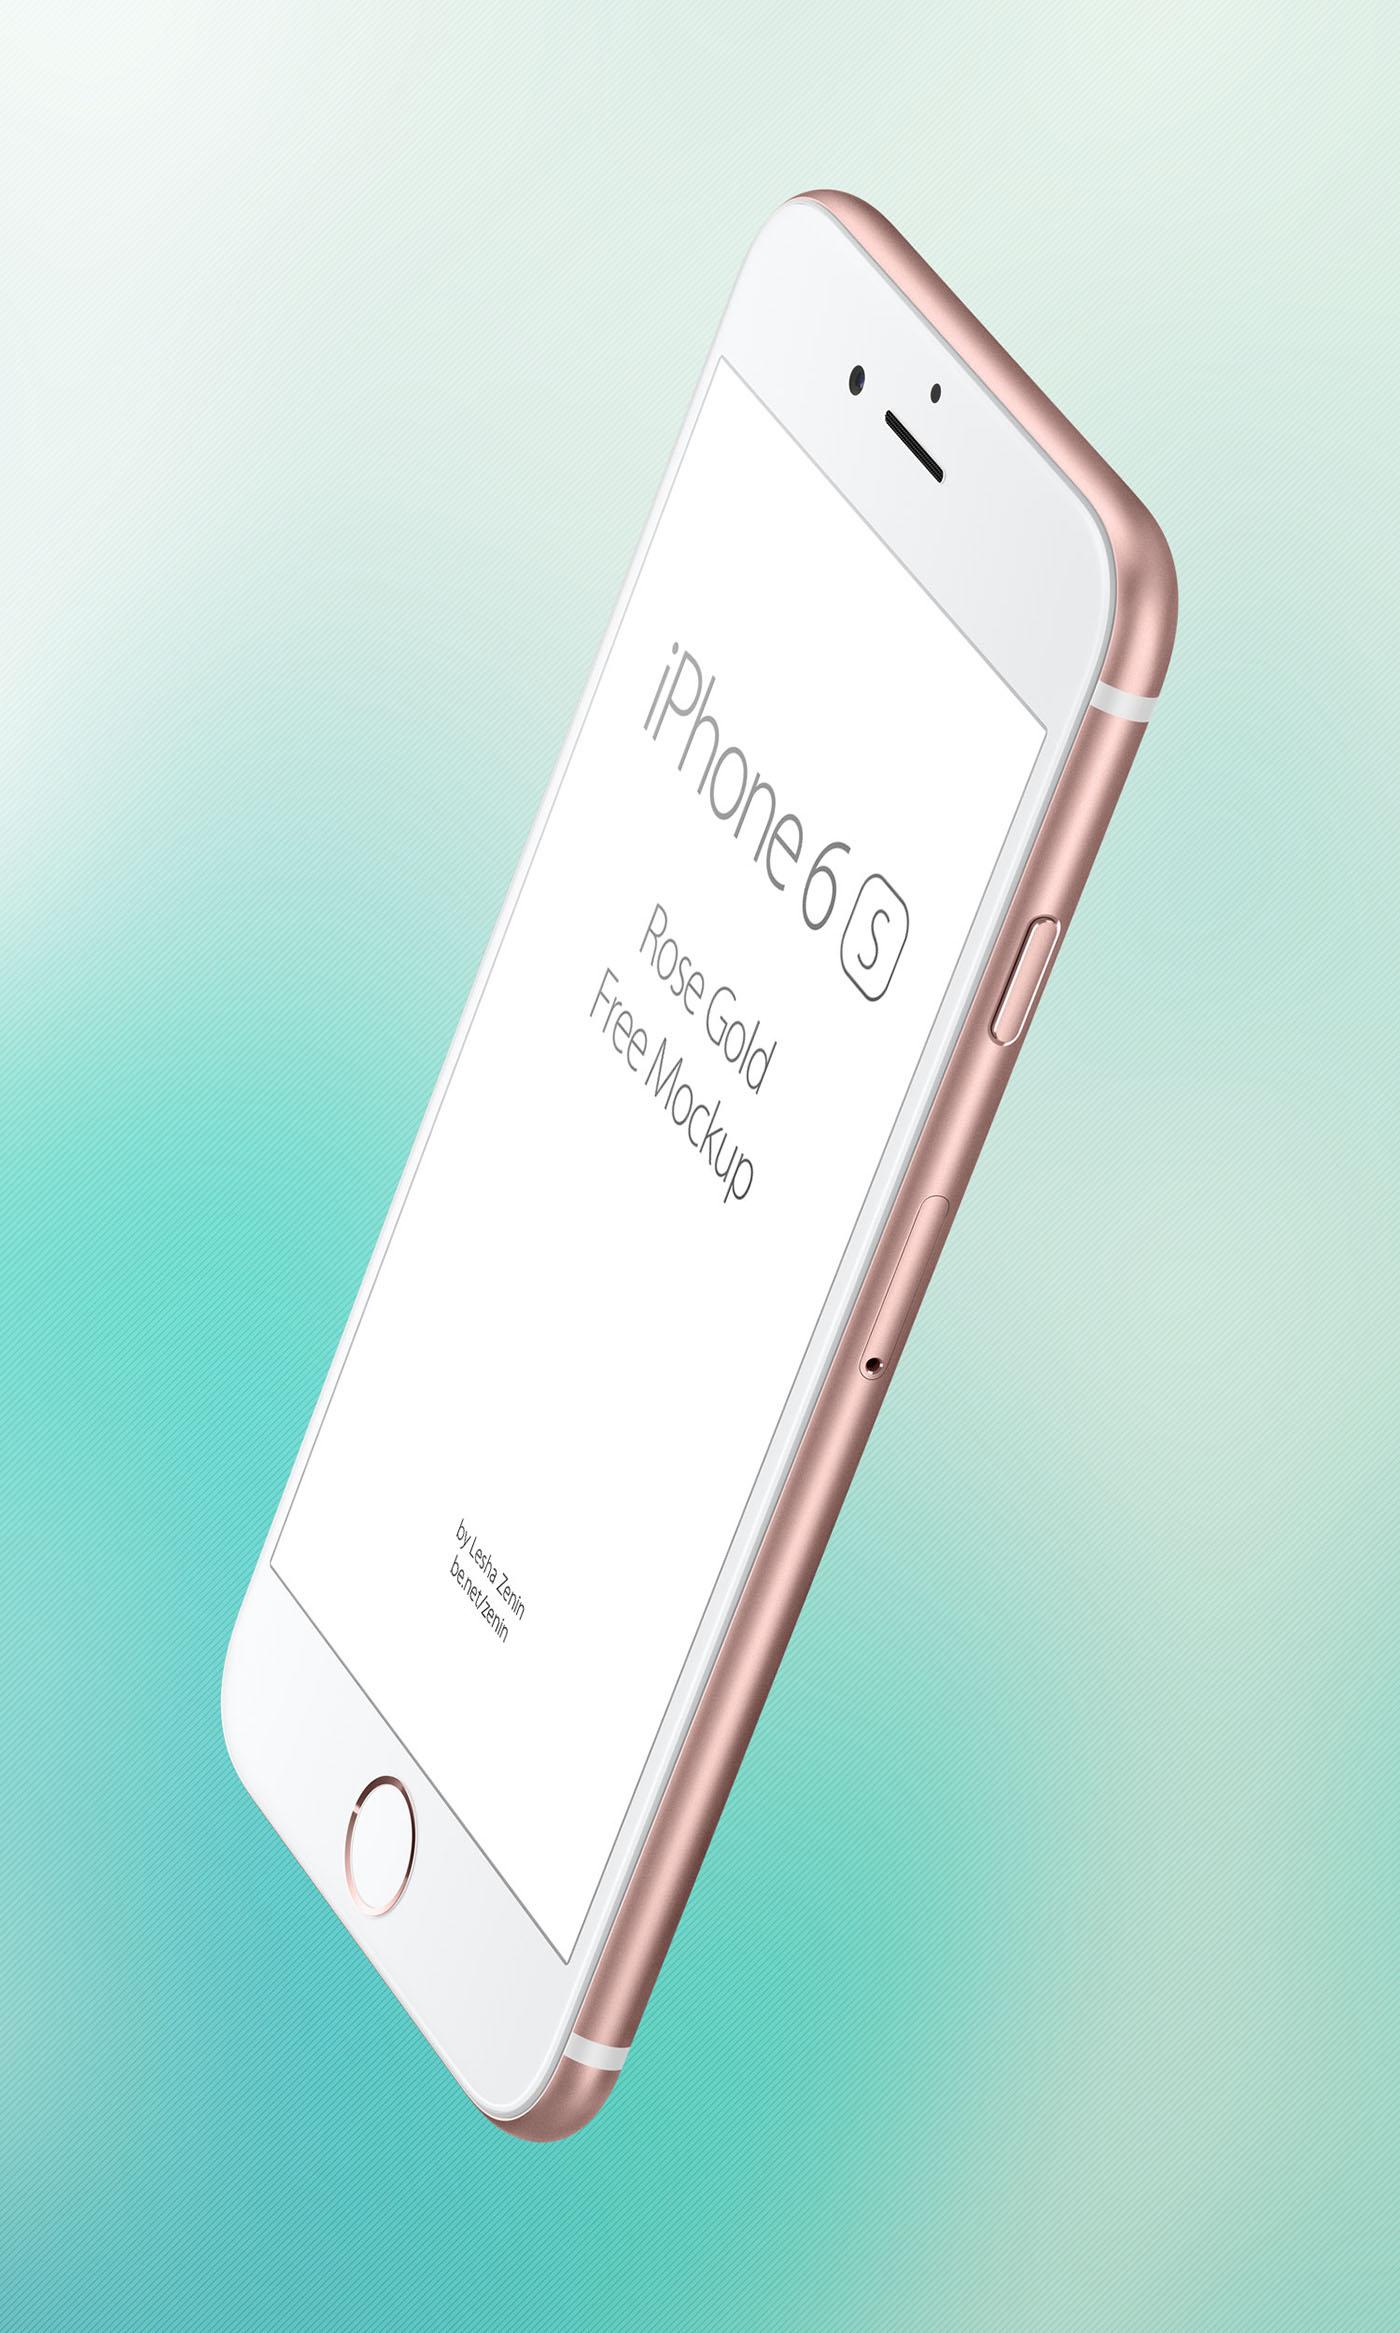 iphone 6s rose gold free psd mockup on behance. Black Bedroom Furniture Sets. Home Design Ideas